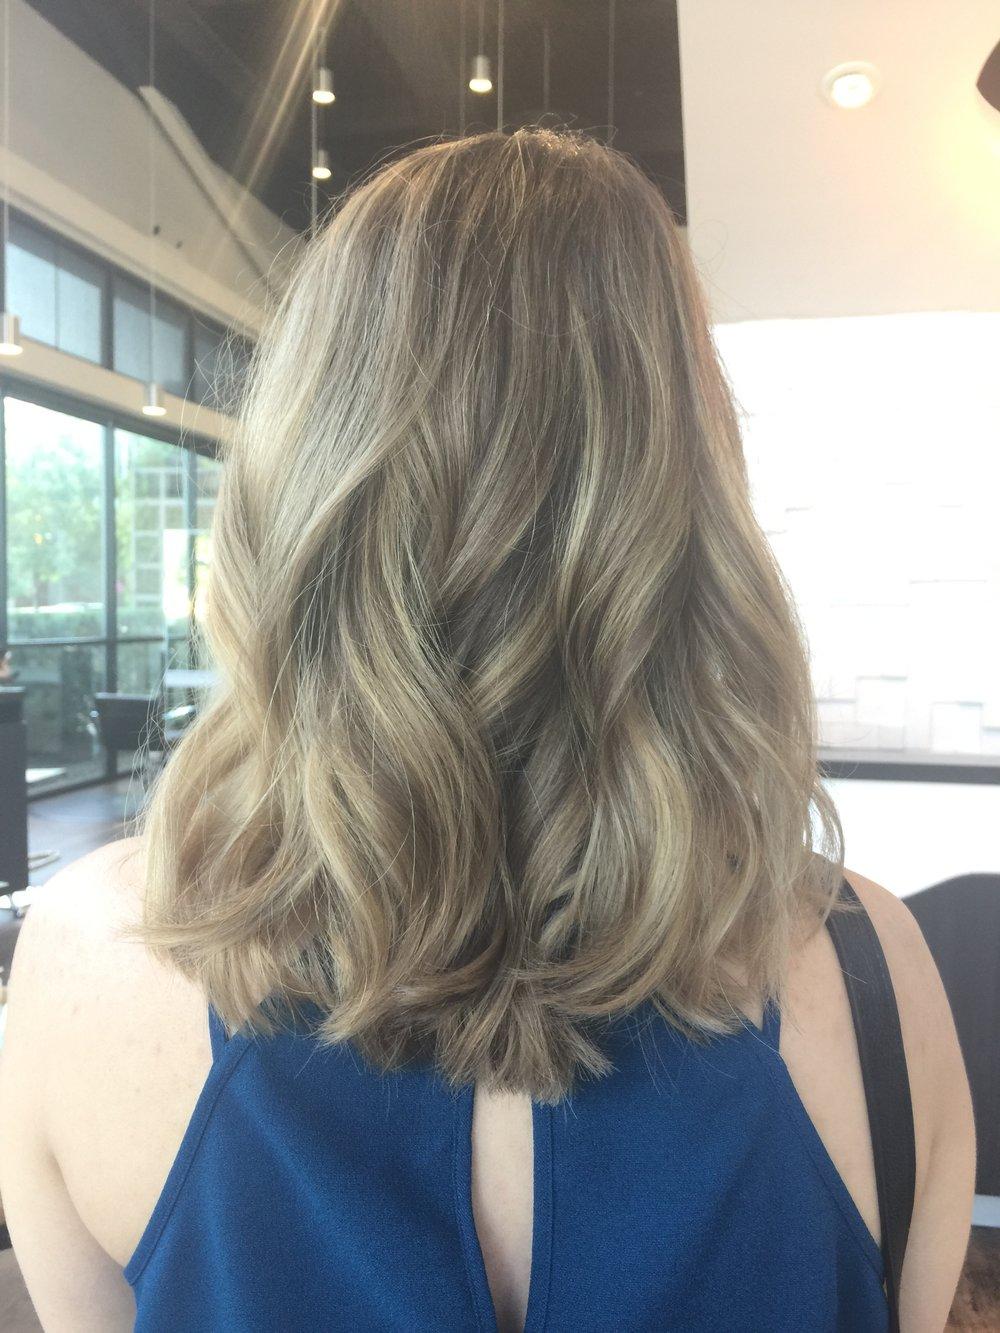 Blonde Hair Dallas Texas